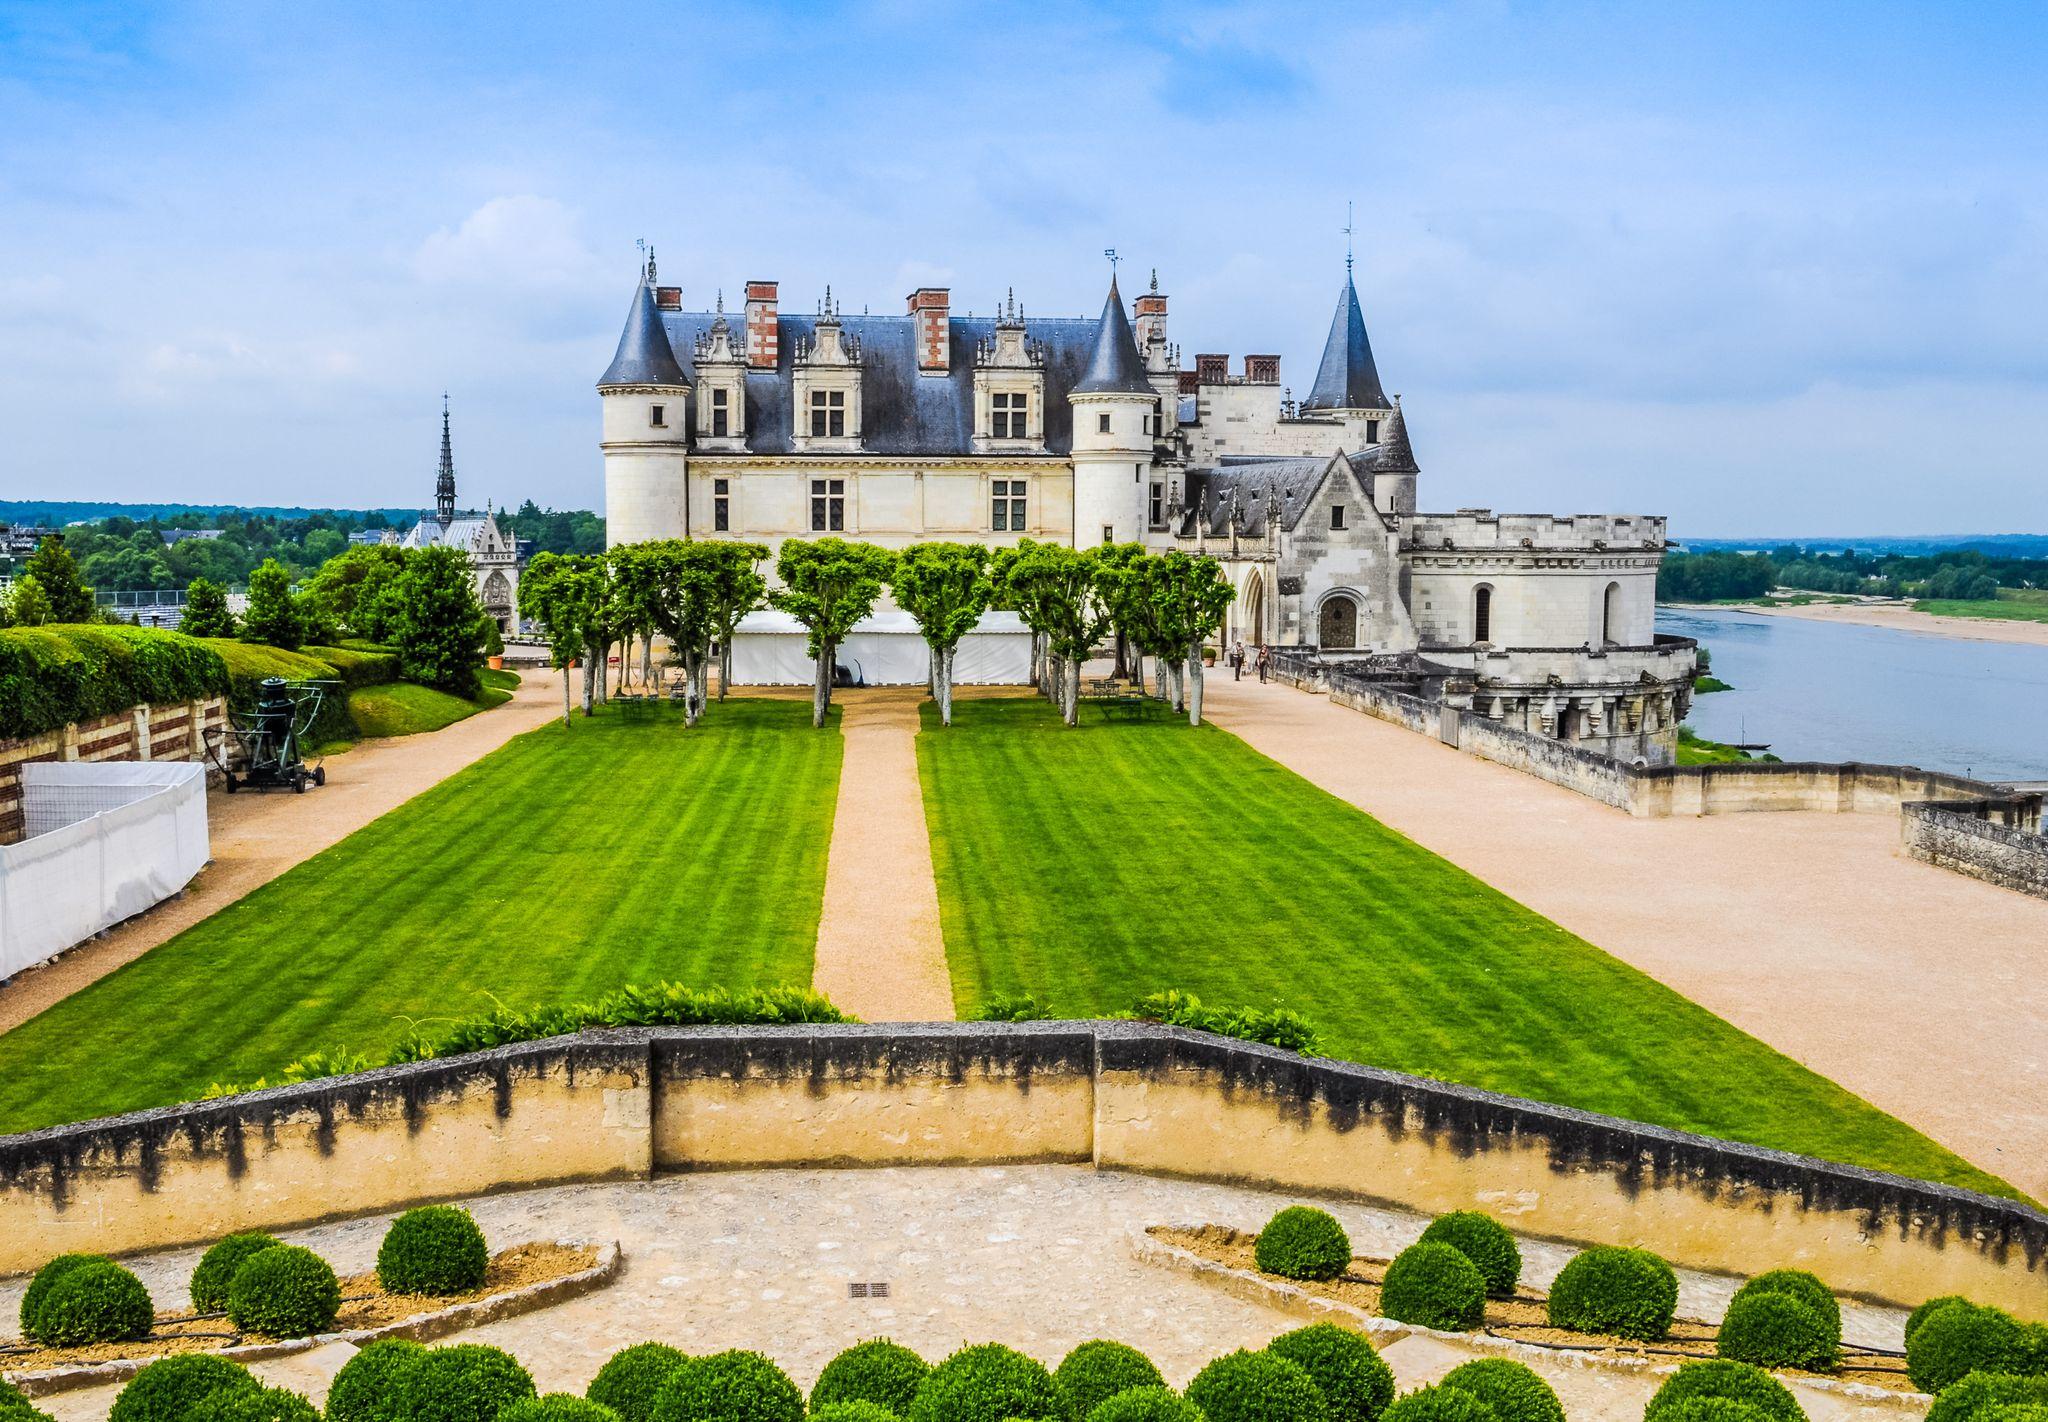 Κάστρο του Αμπουάζ, Αμπουάζ, Αντρ-ε-Λουάρ, Γαλλία